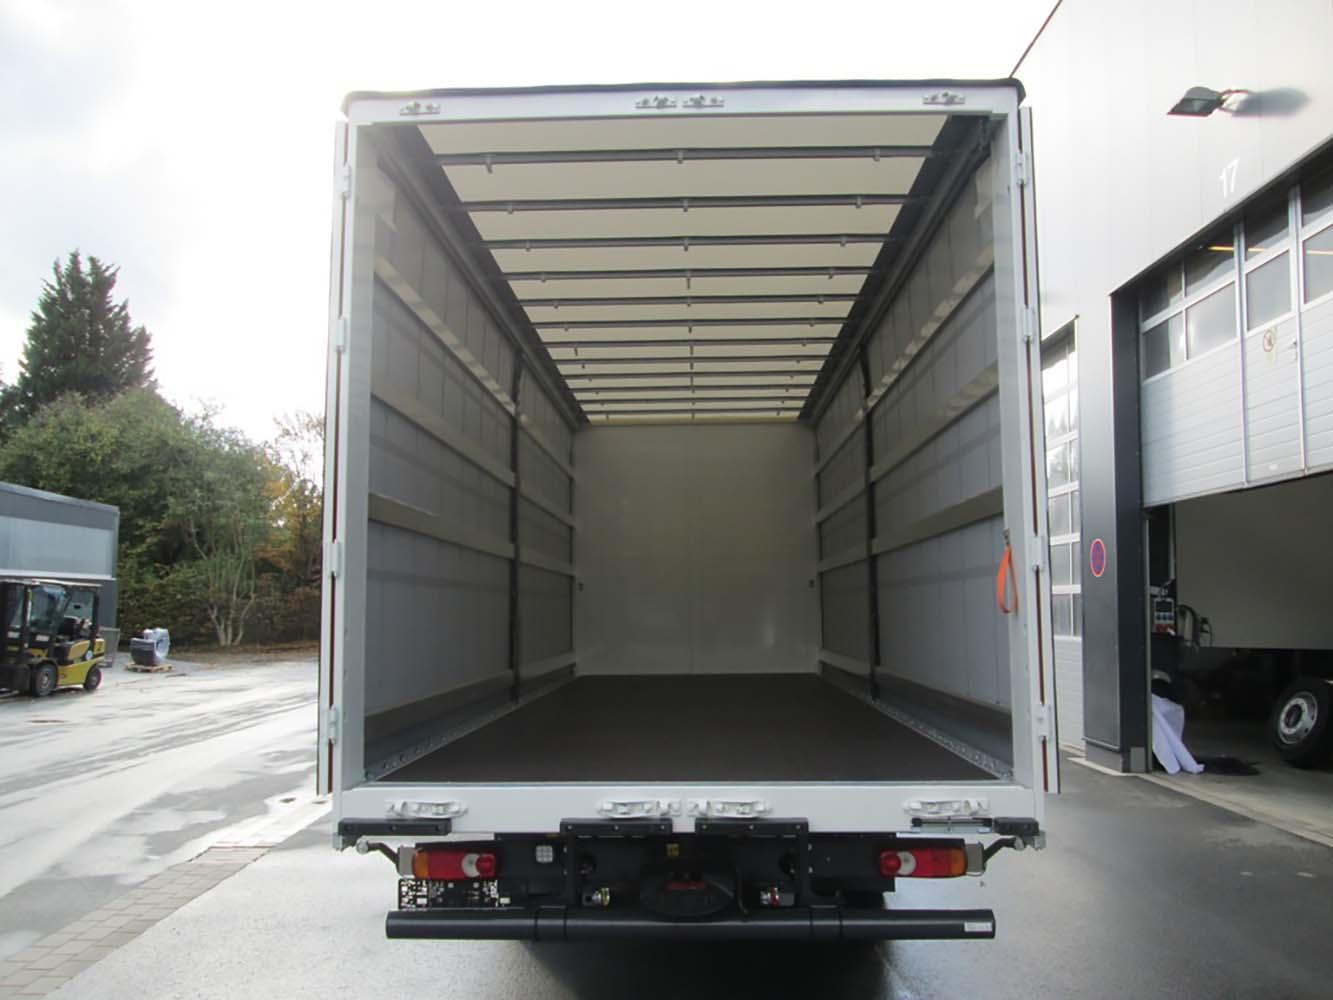 Schiebespann-Planenaufbau auf LKW Fahrgestell mit festem Planendach (1)